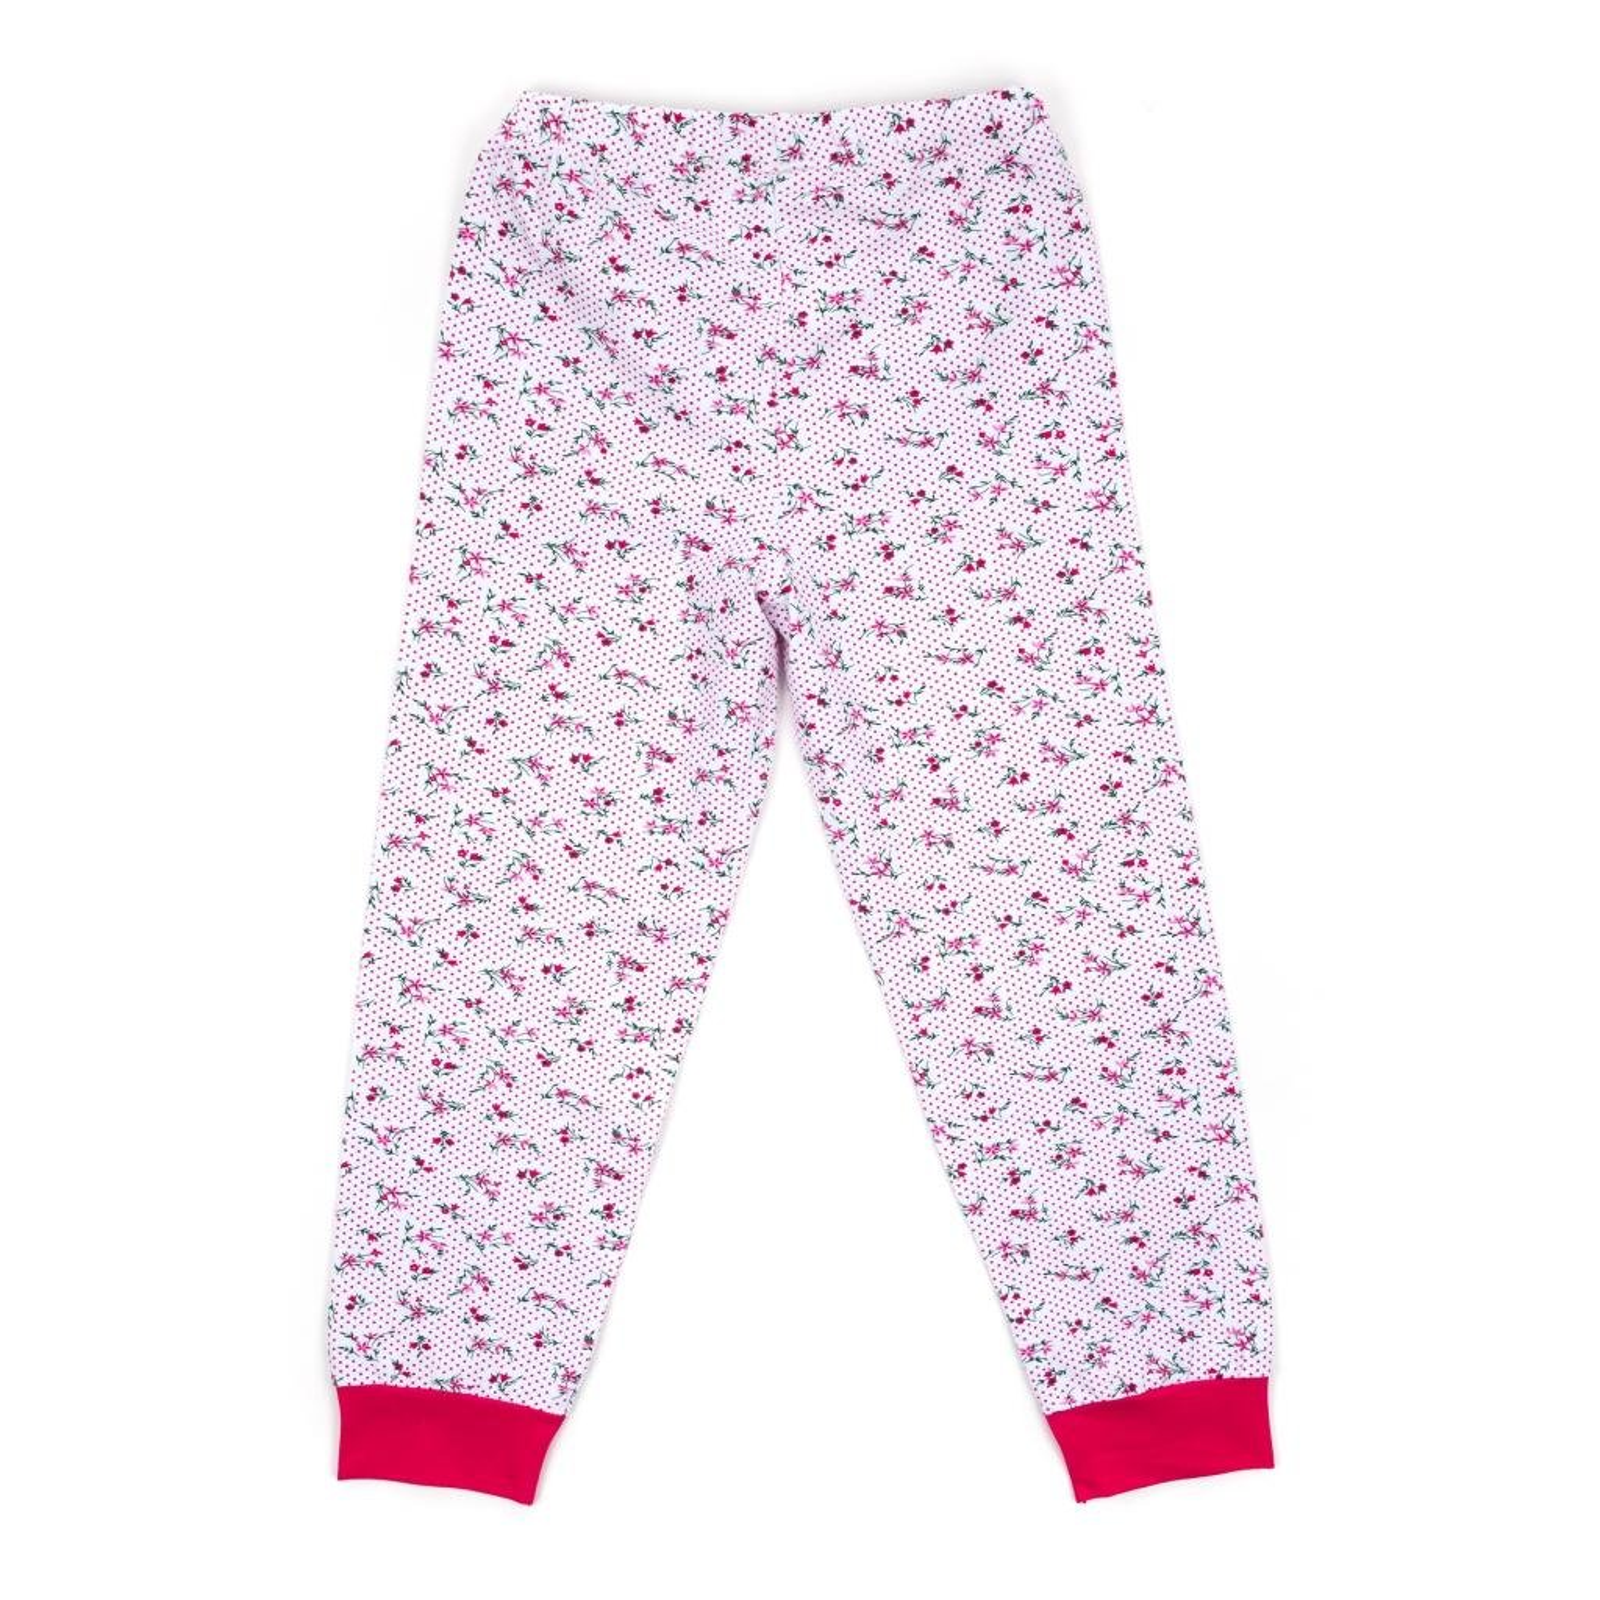 Пижама Matilda с оленями (10817-3-122G-pink) изображение 6